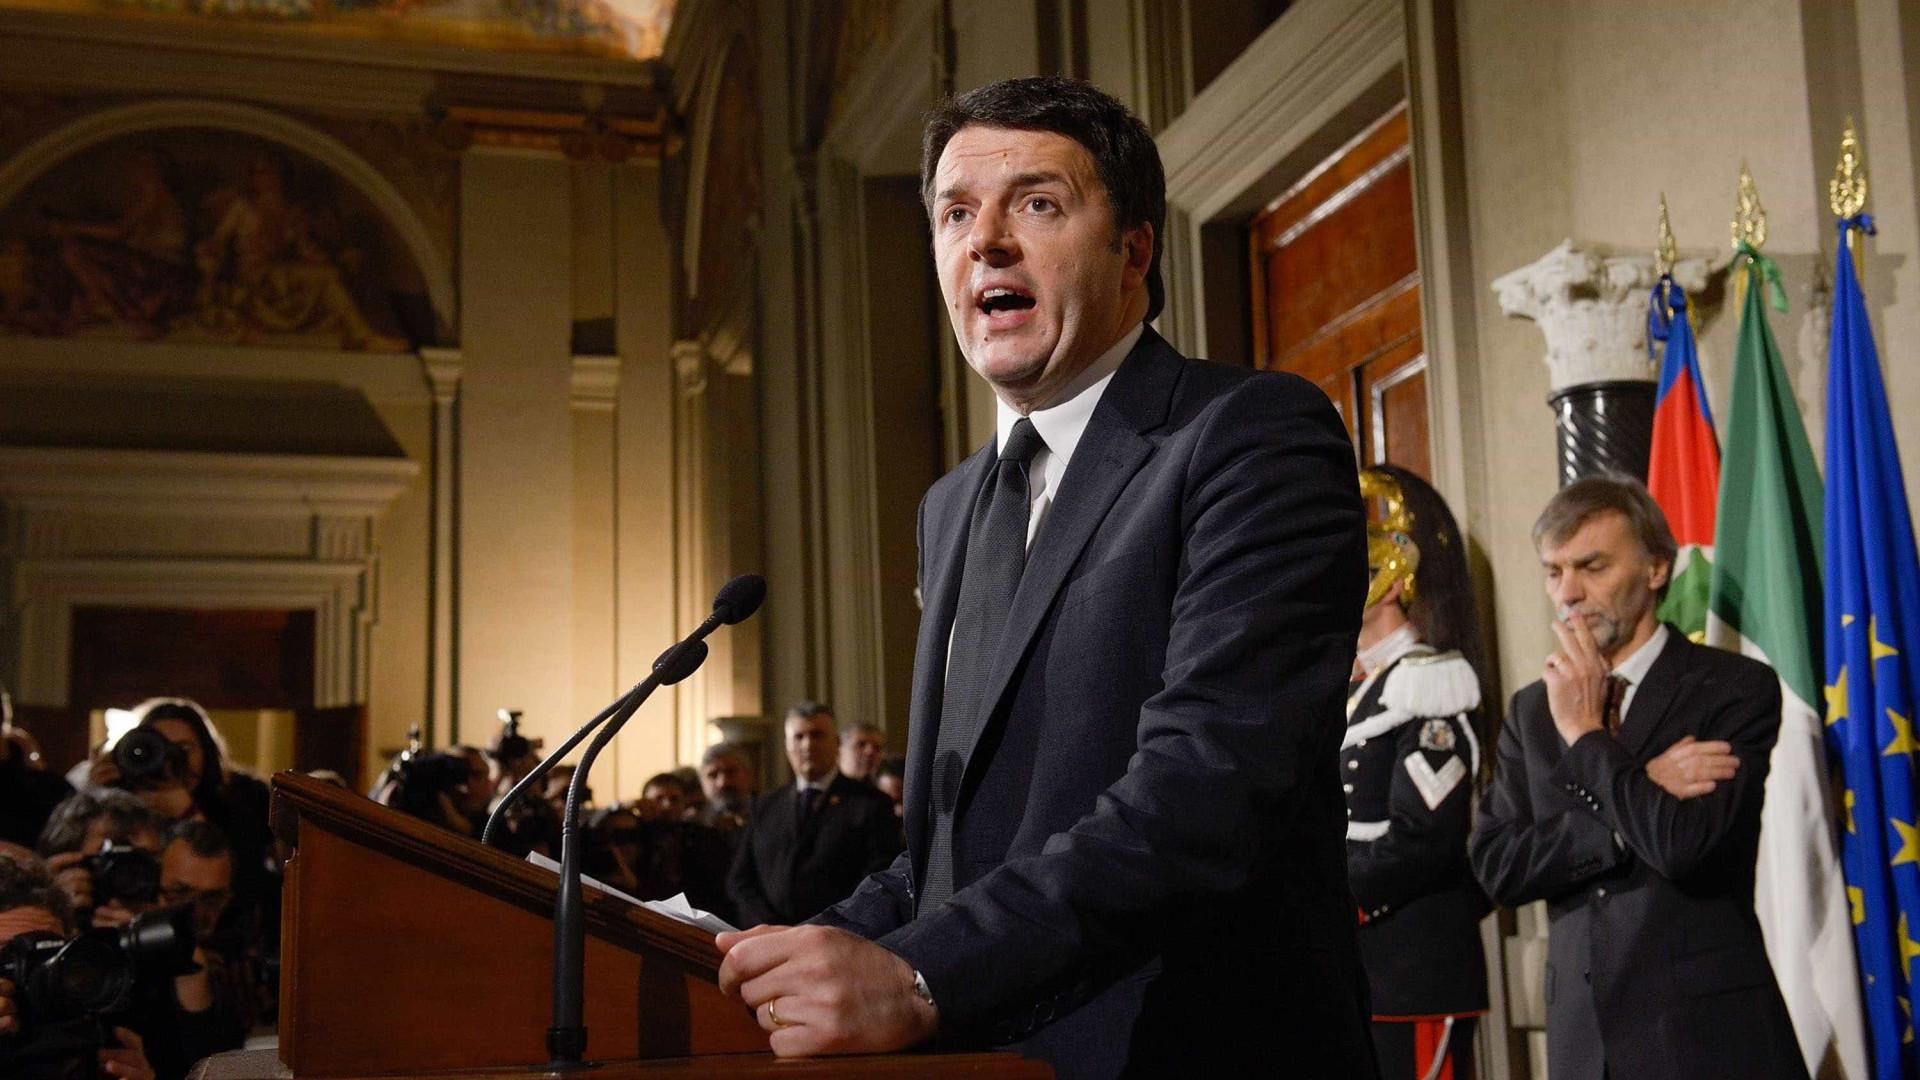 Itália realiza referendo que se transformou em plebiscito a Renzi